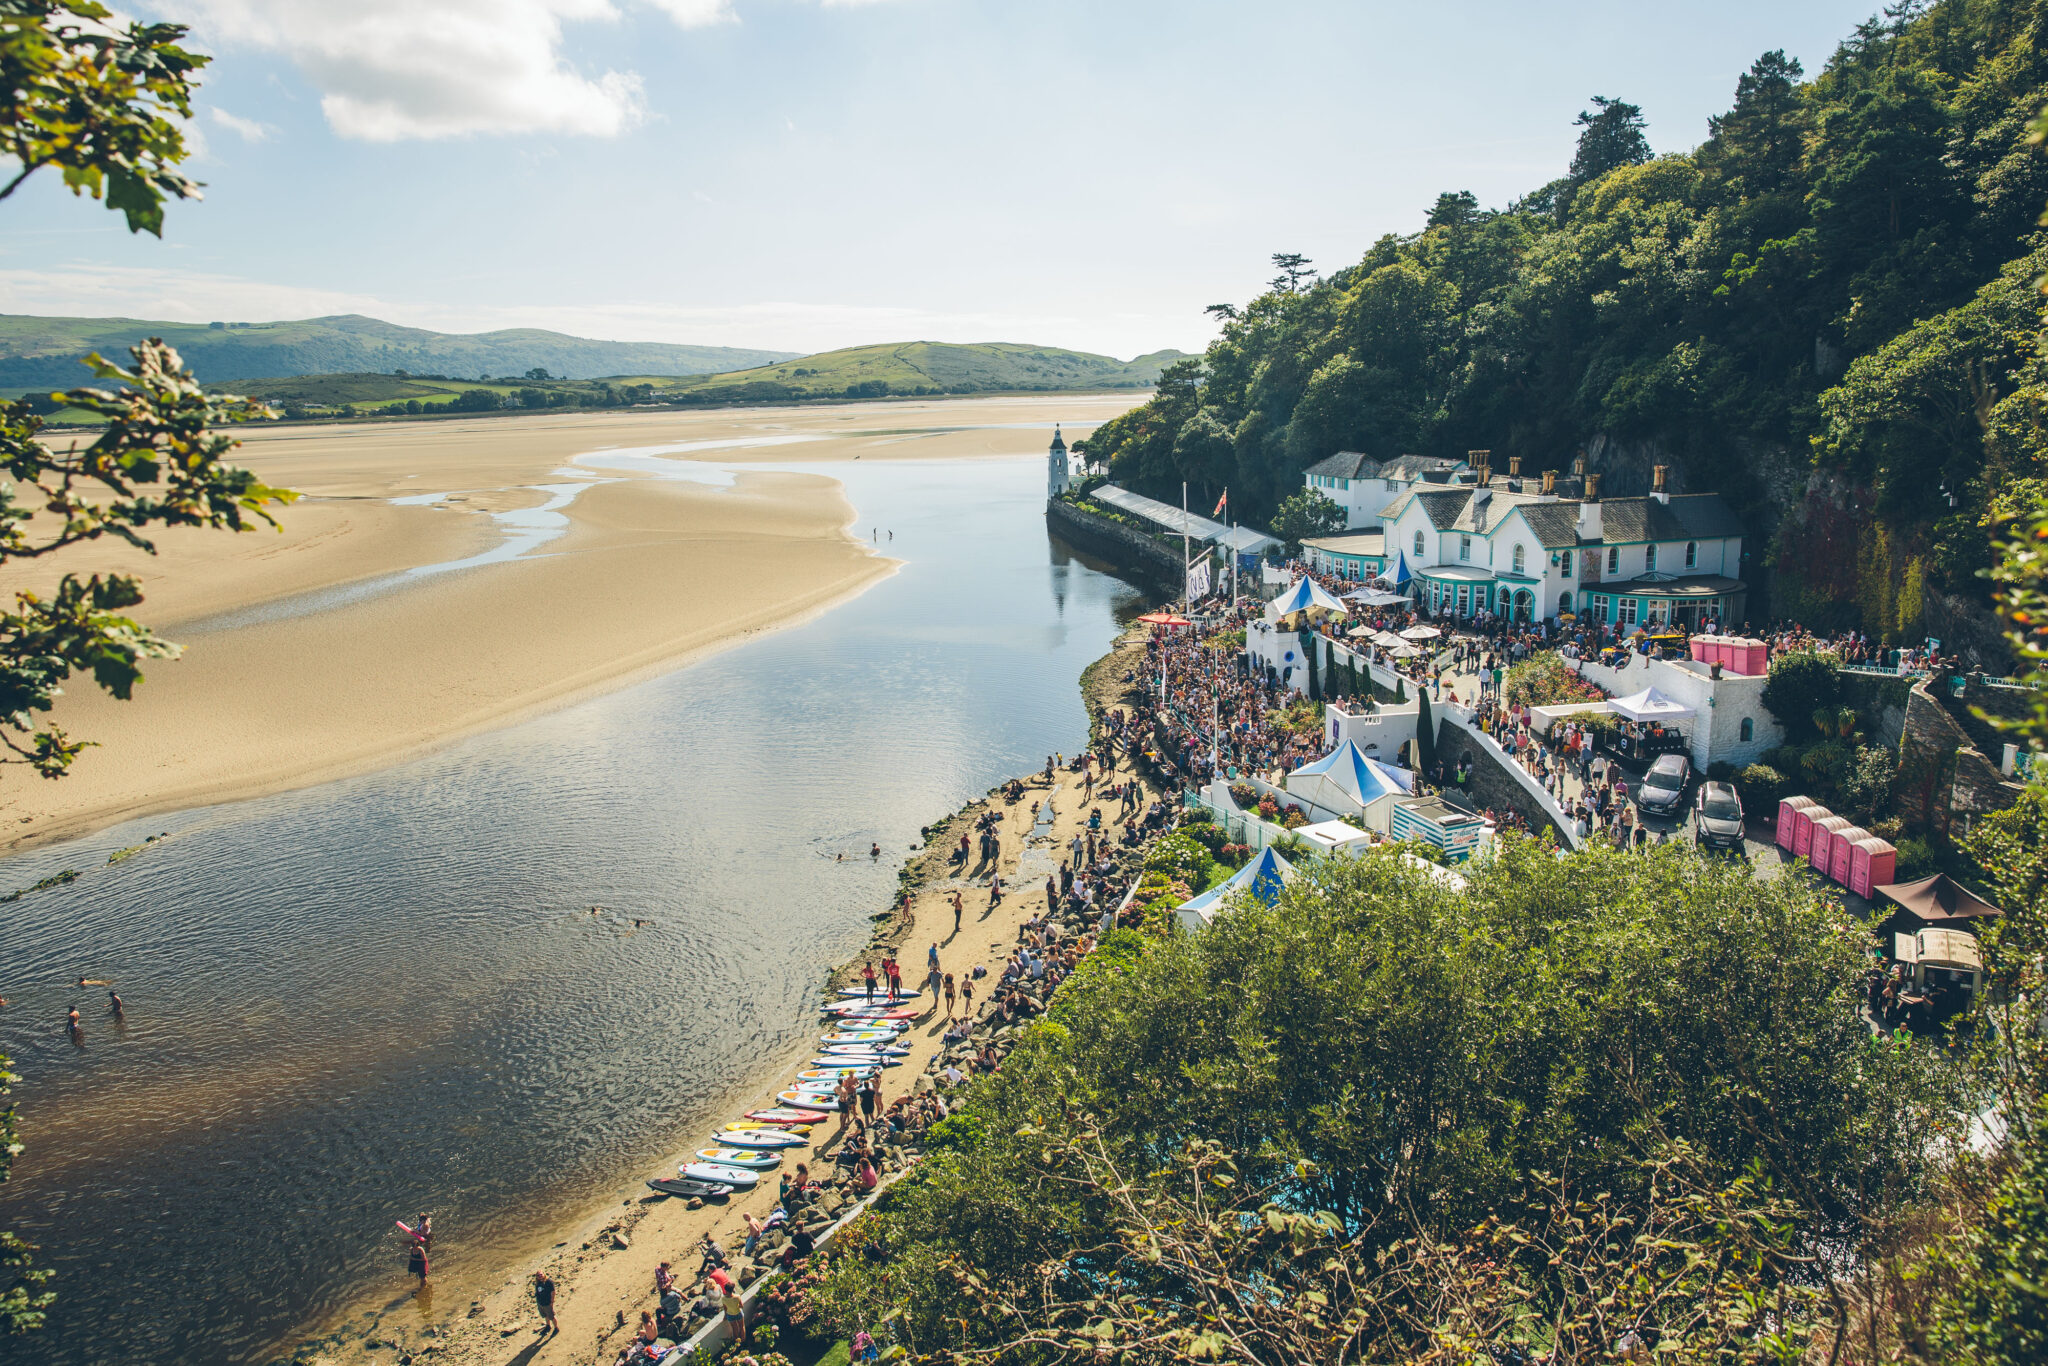 Festival No 6 beach